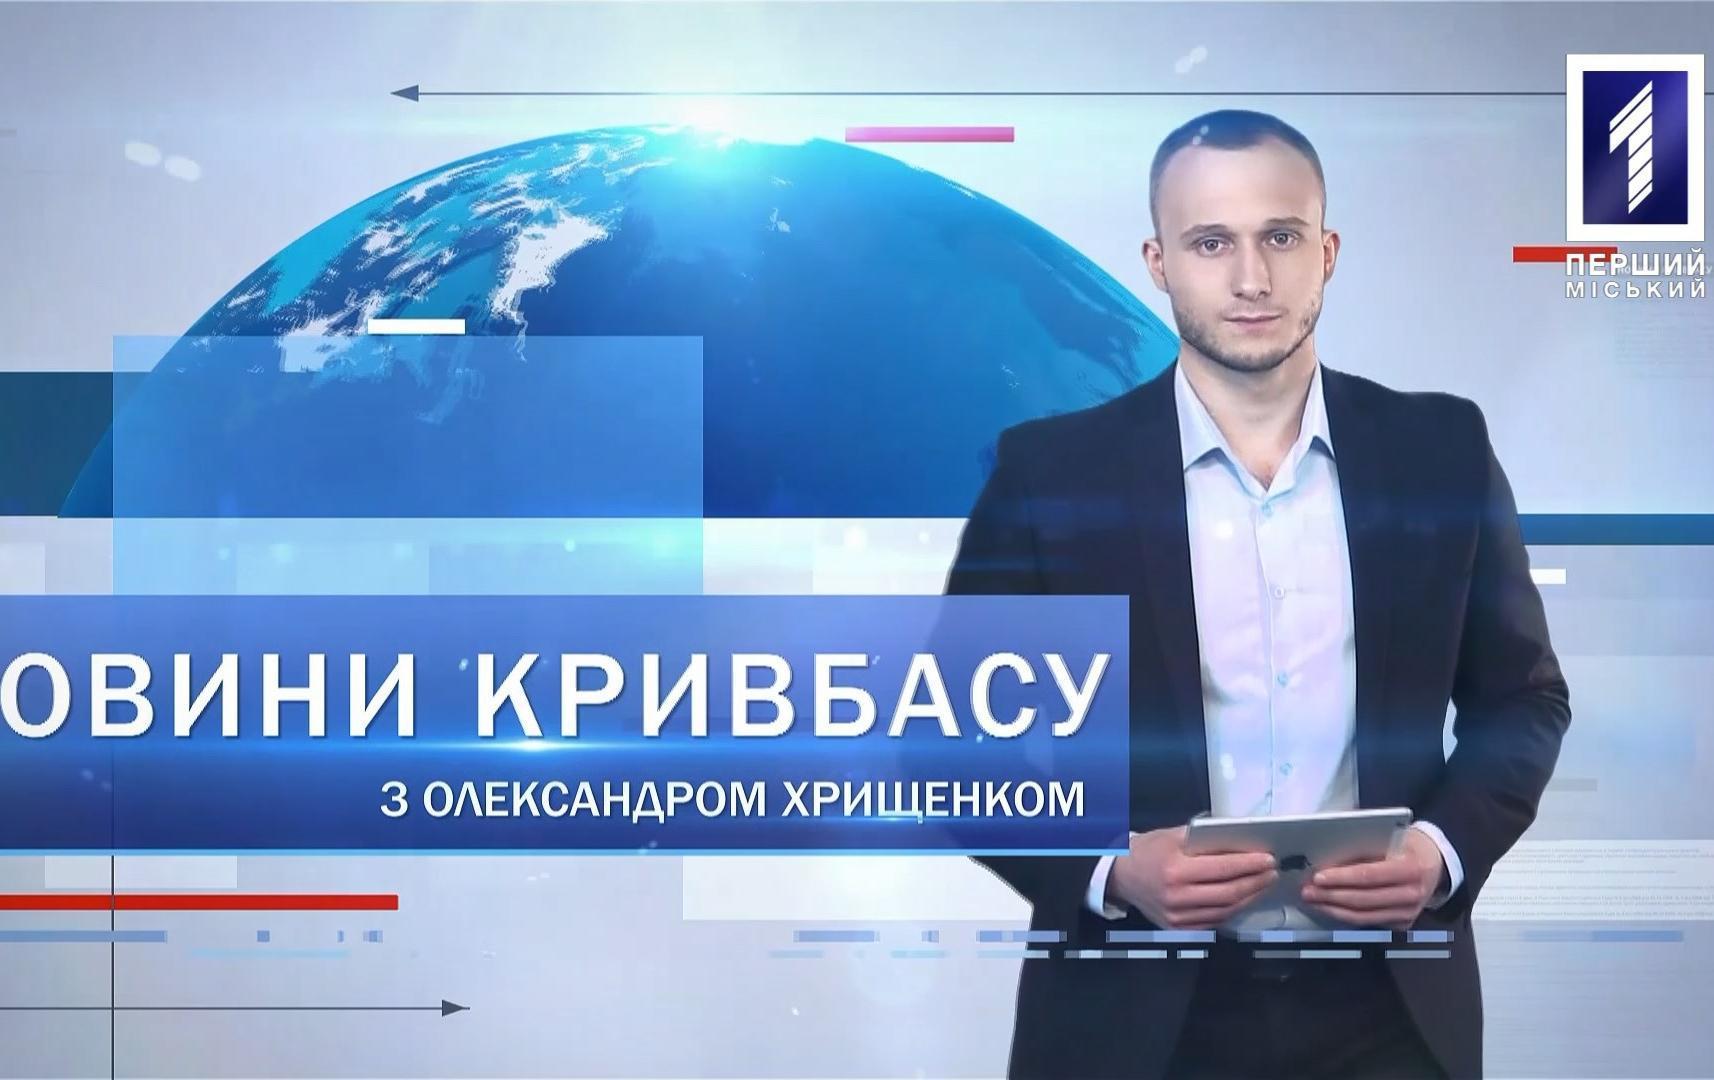 Новини Кривбасу 28 липня: смерть від нового штаму, липнева сесія міськради, Мотопробіг єдності 2021